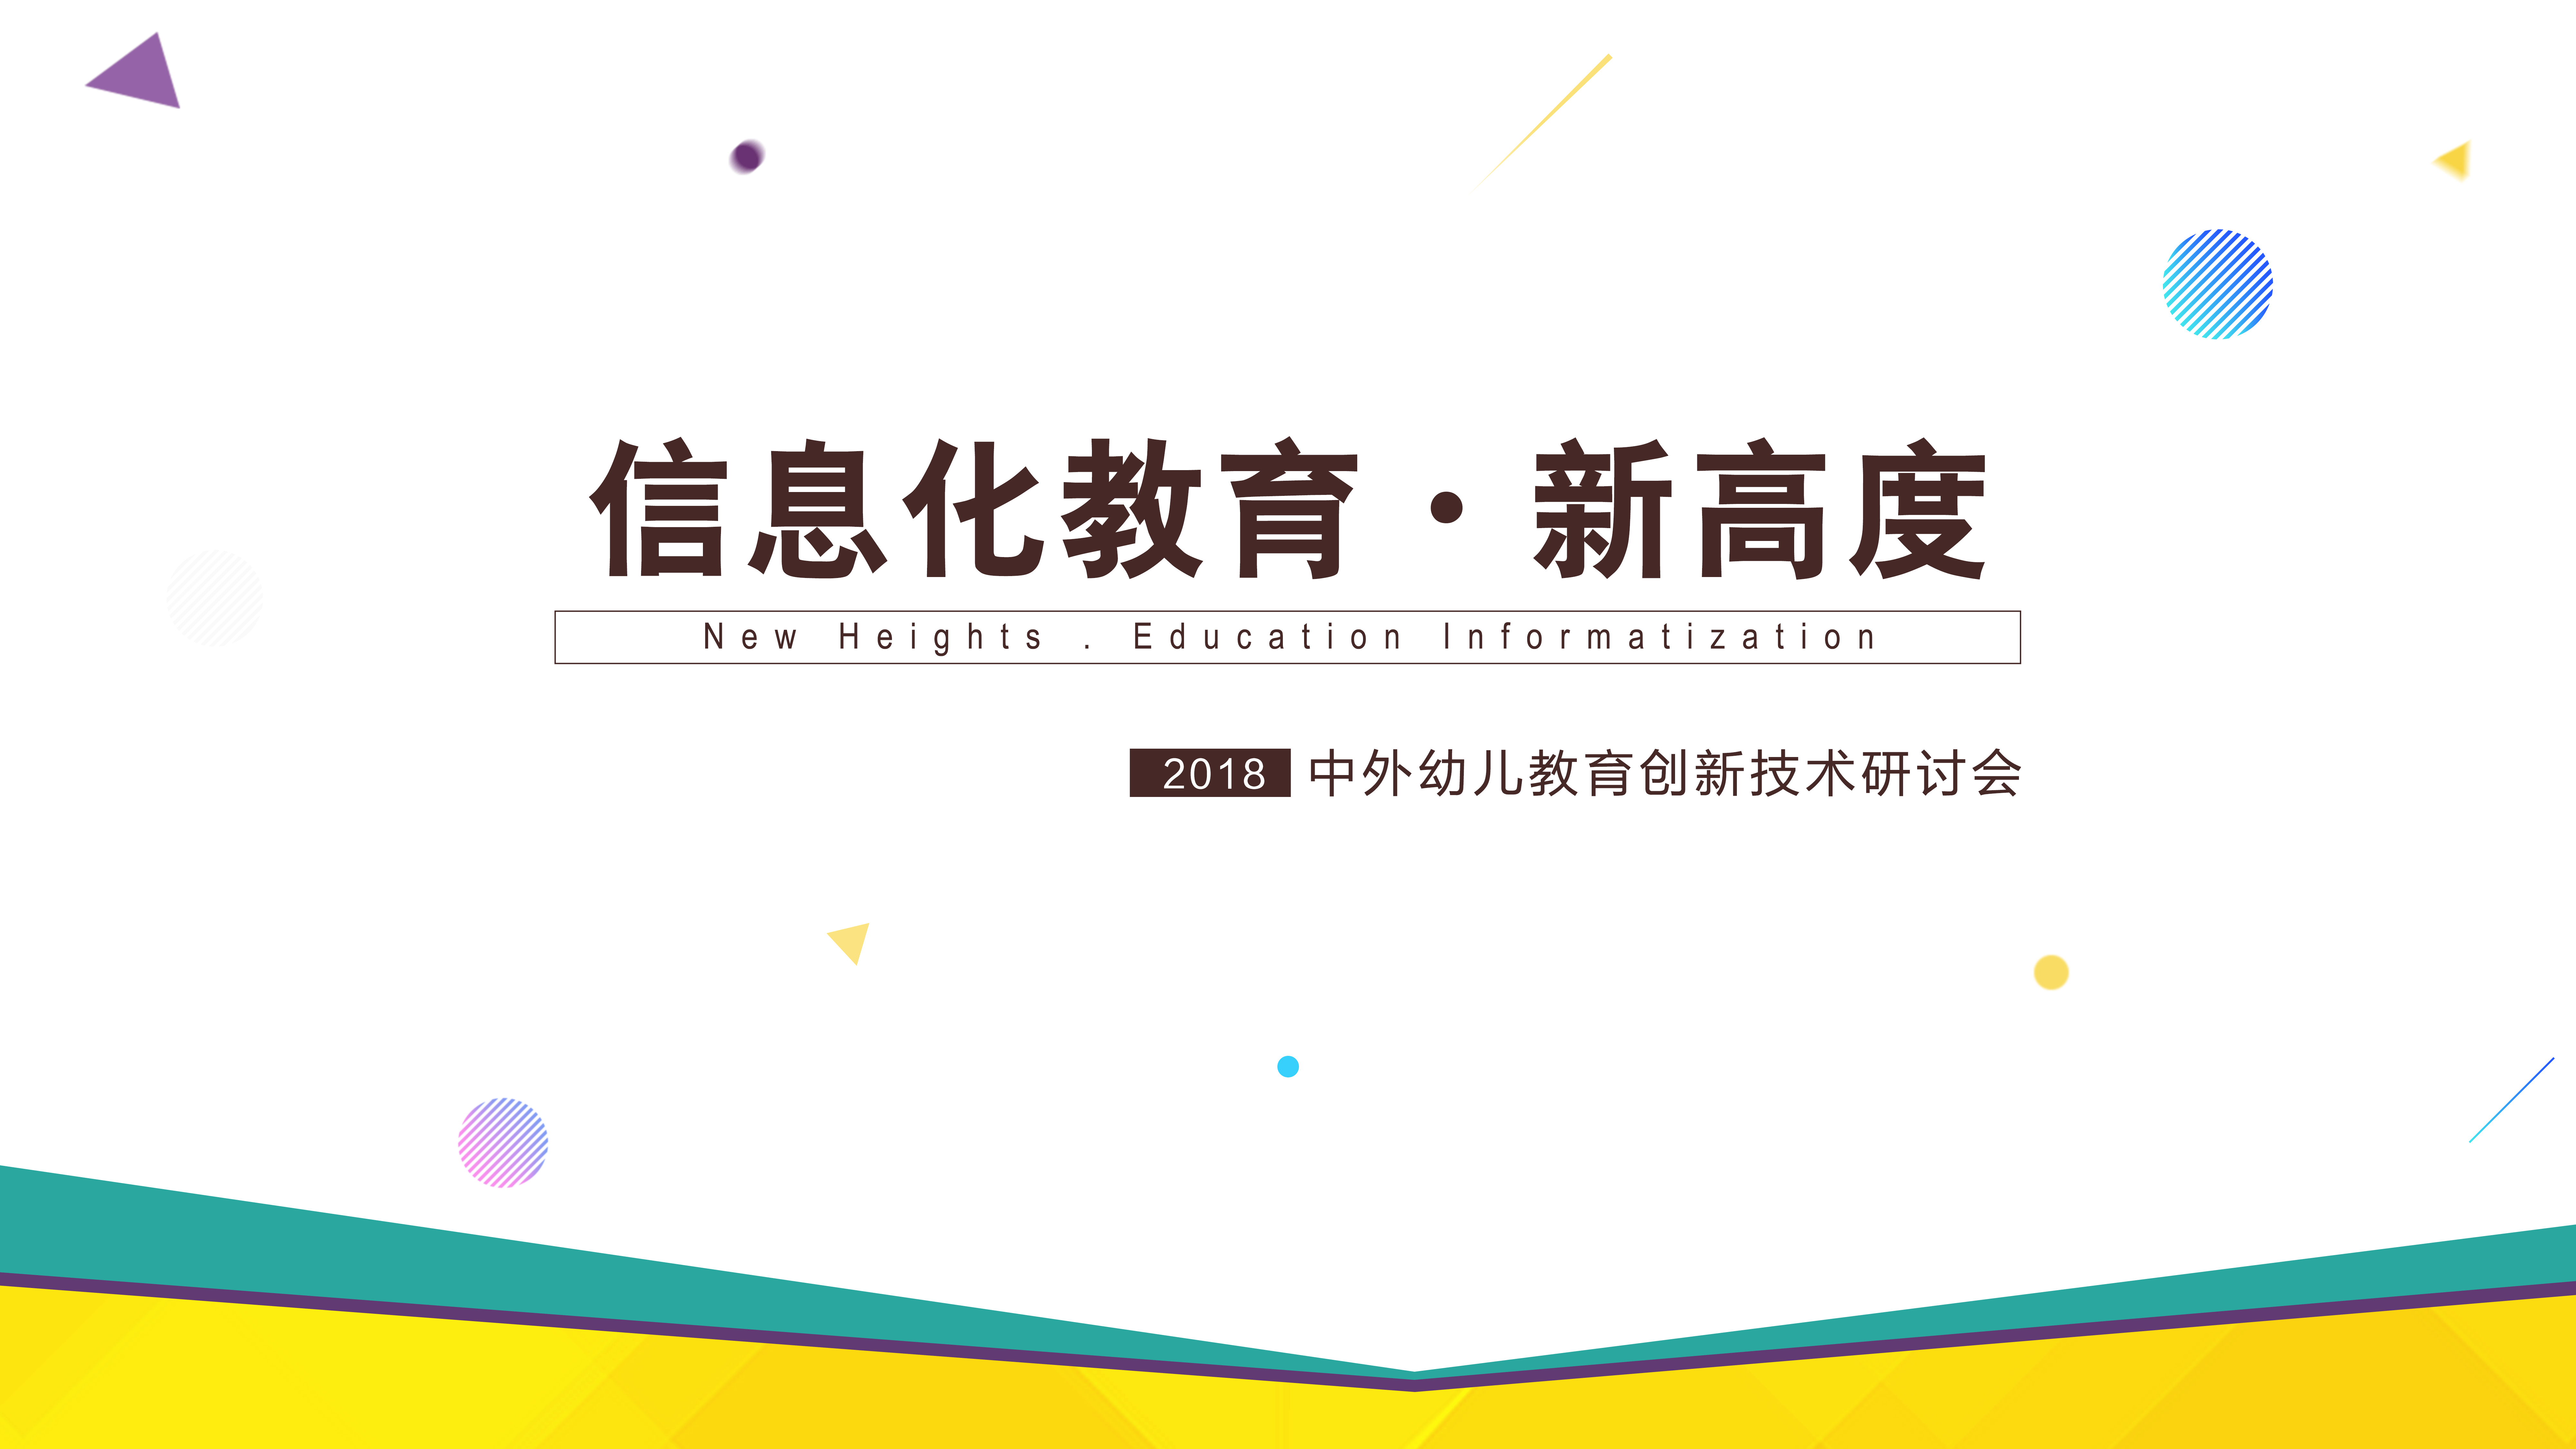 信息化教育——2018中外幼儿教育创新技术研讨会